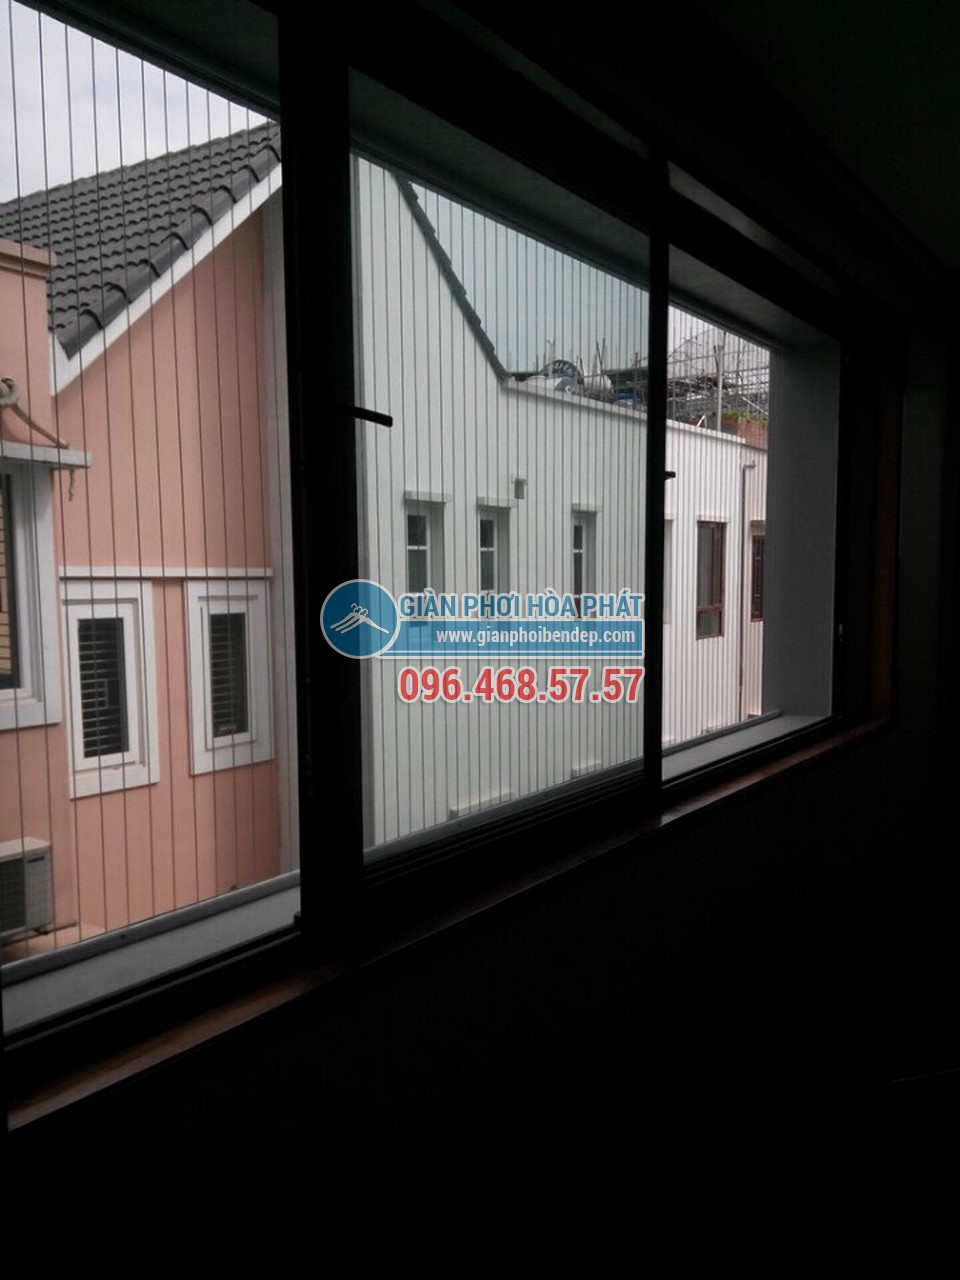 Ban công đẹp ngỡ ngàng nhờ lắp đặt lưới an toàn nhà chị Đào, KĐT Mỗ Lao - 04